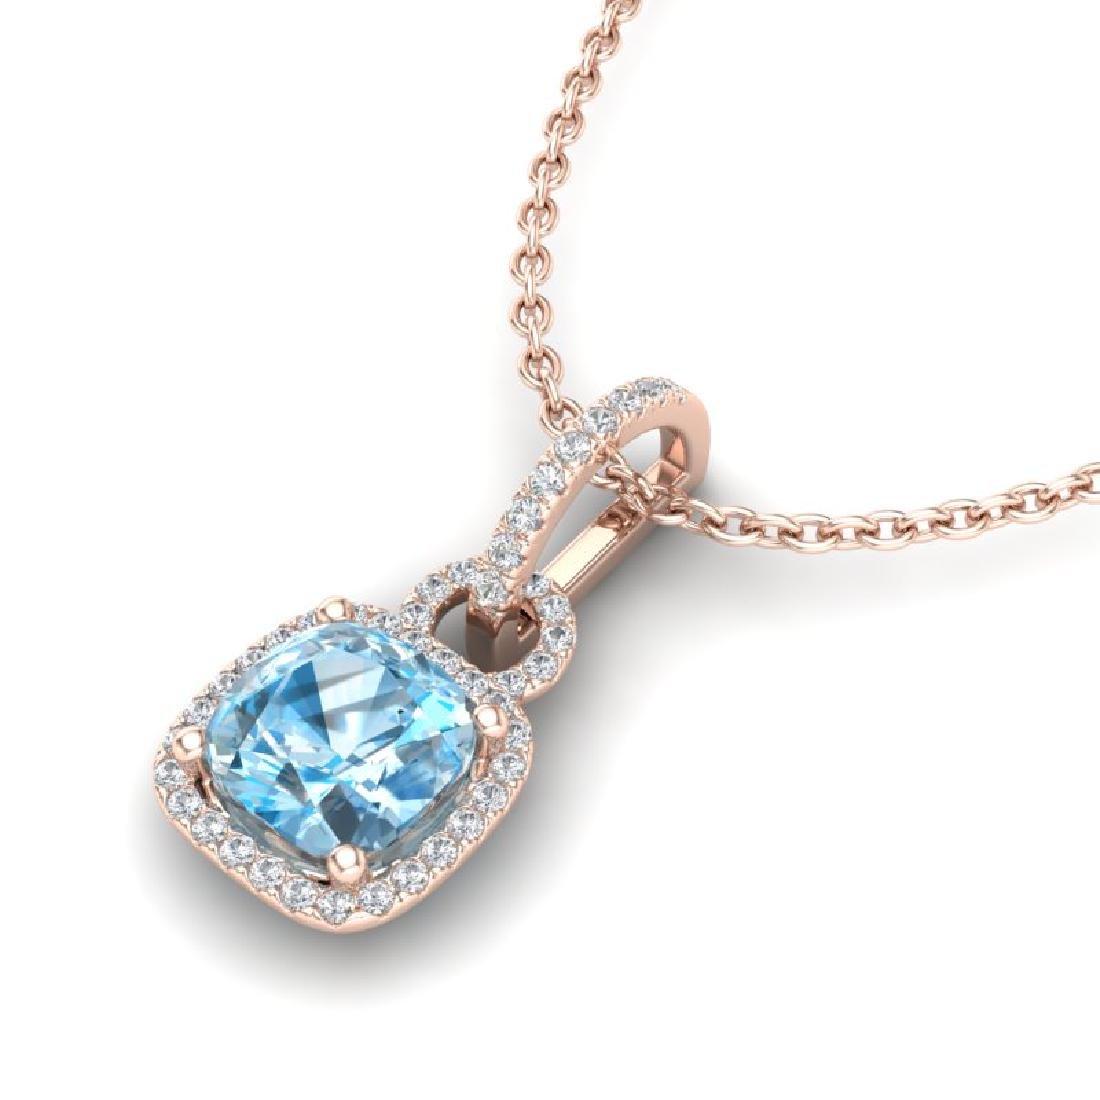 3.50 CTW Topaz & Micro VS/SI Diamond Necklace 14K Rose